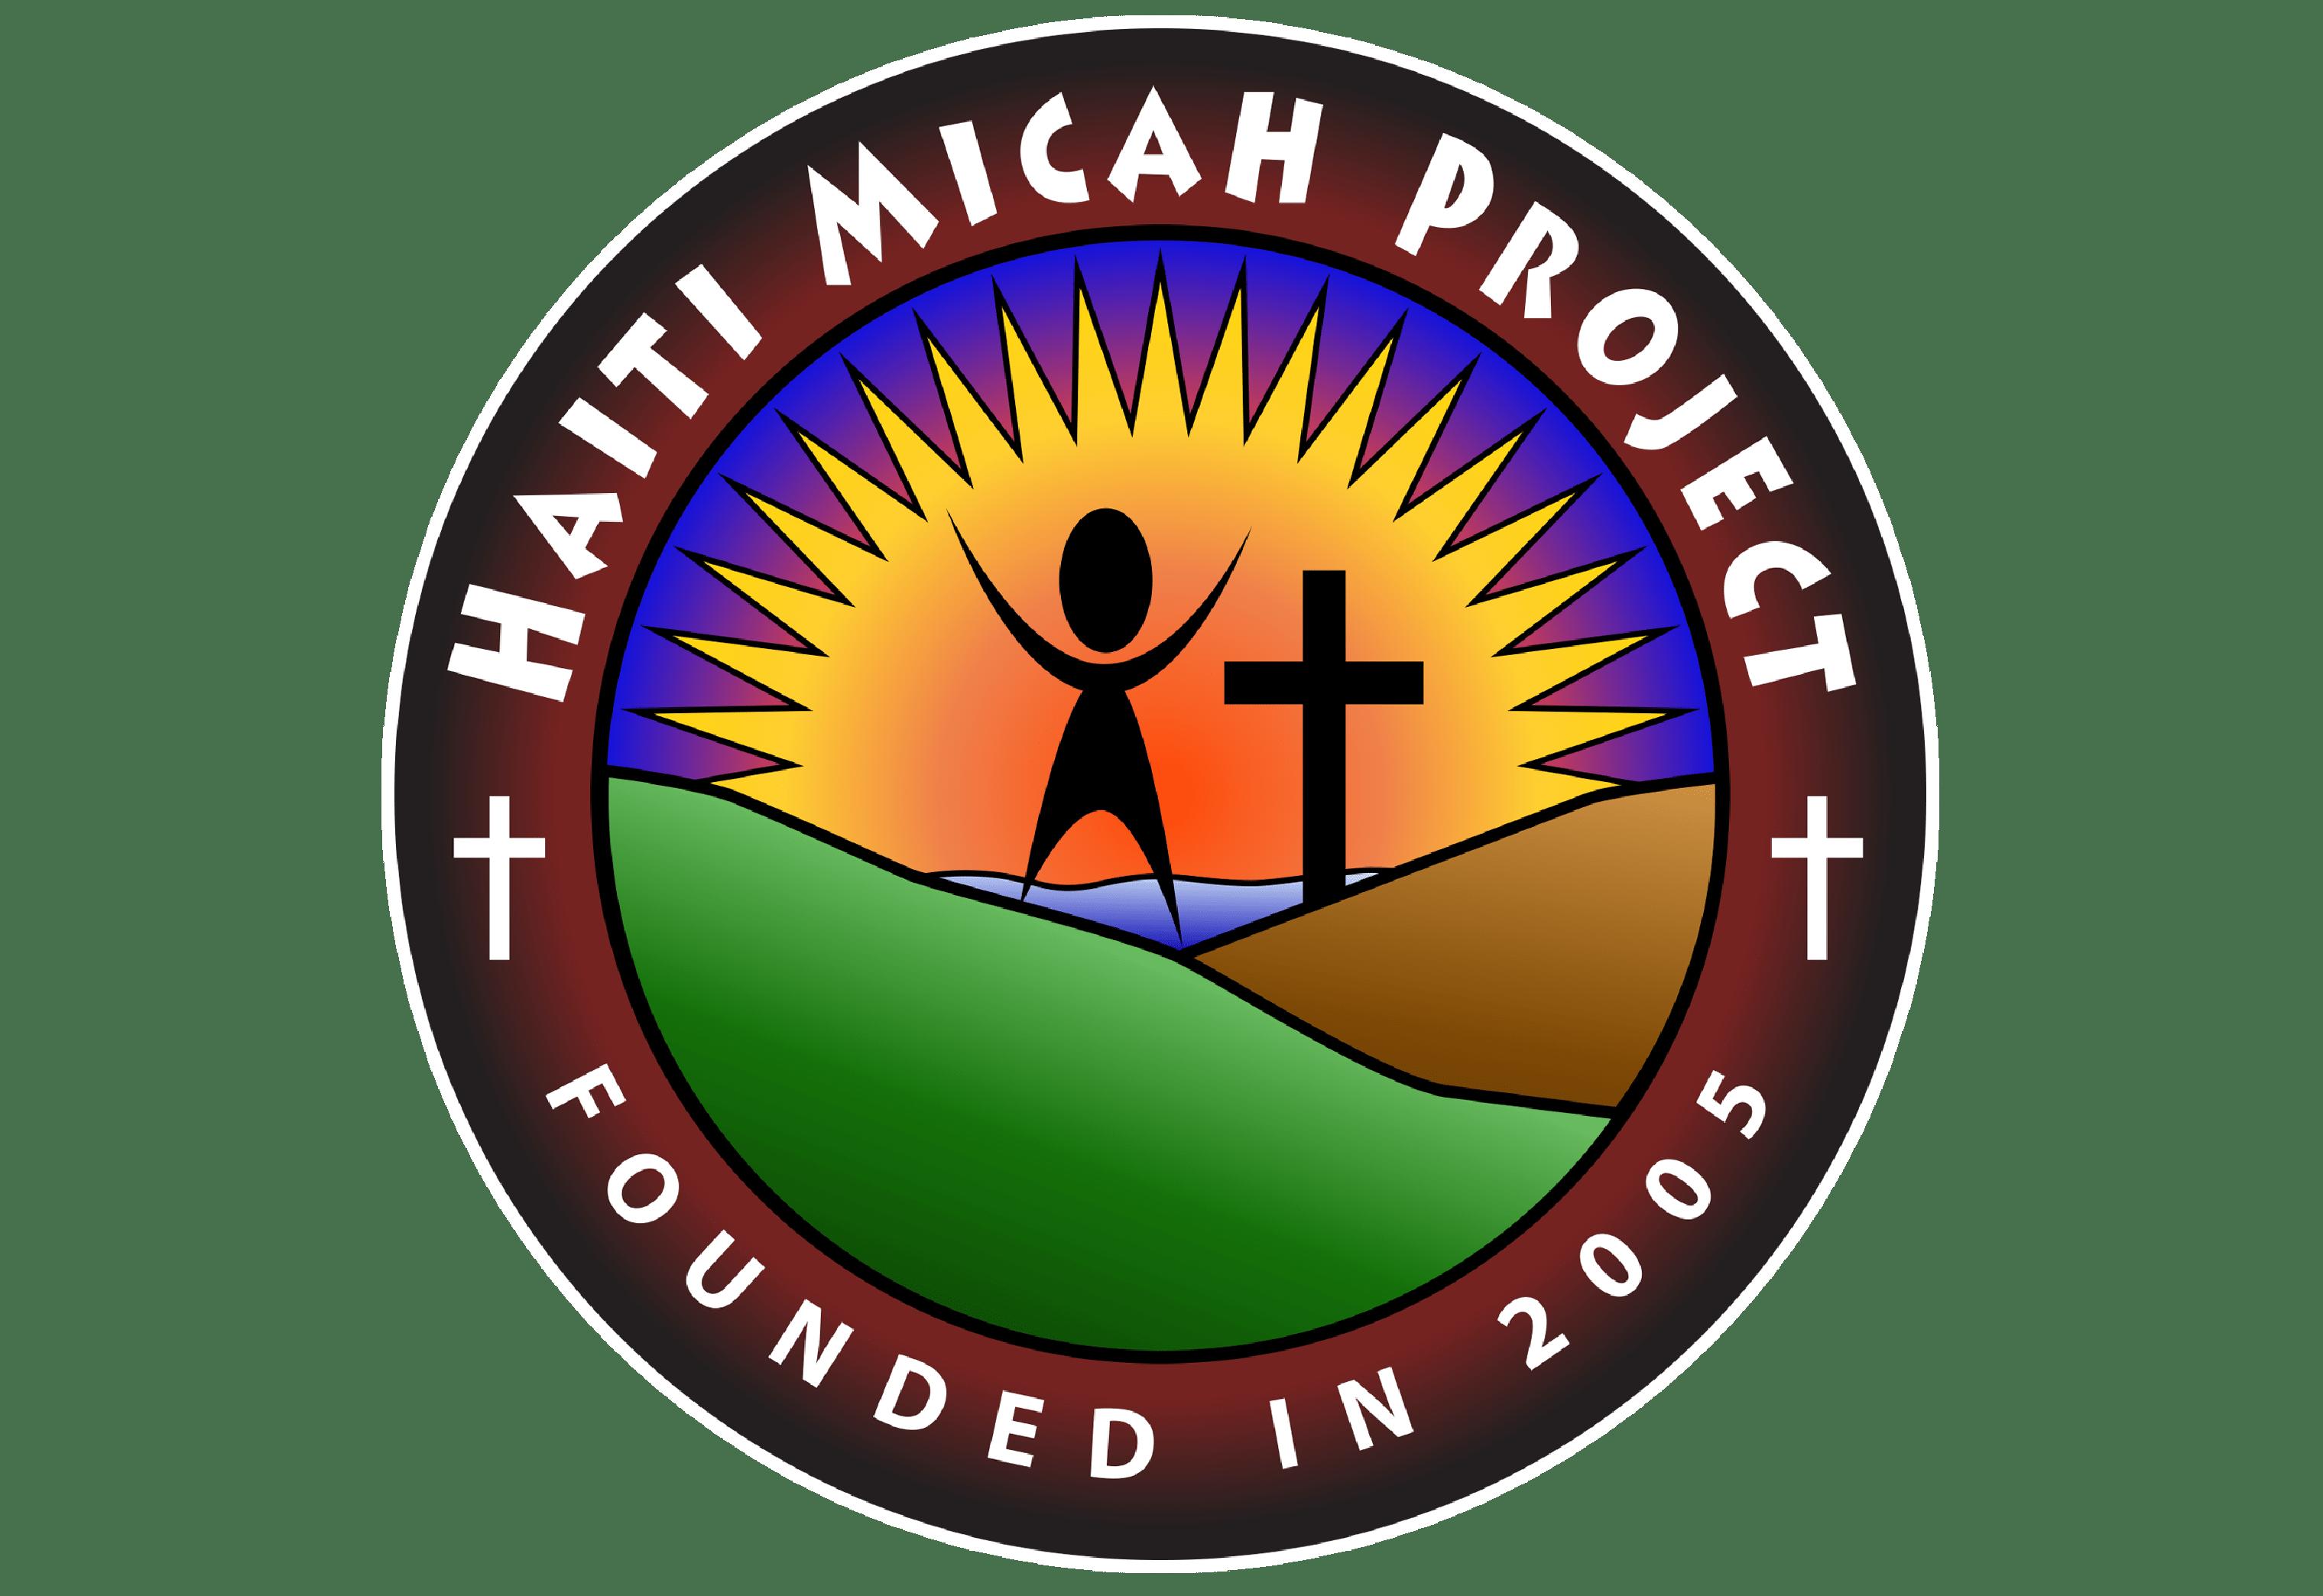 Haiti Micah Project logo